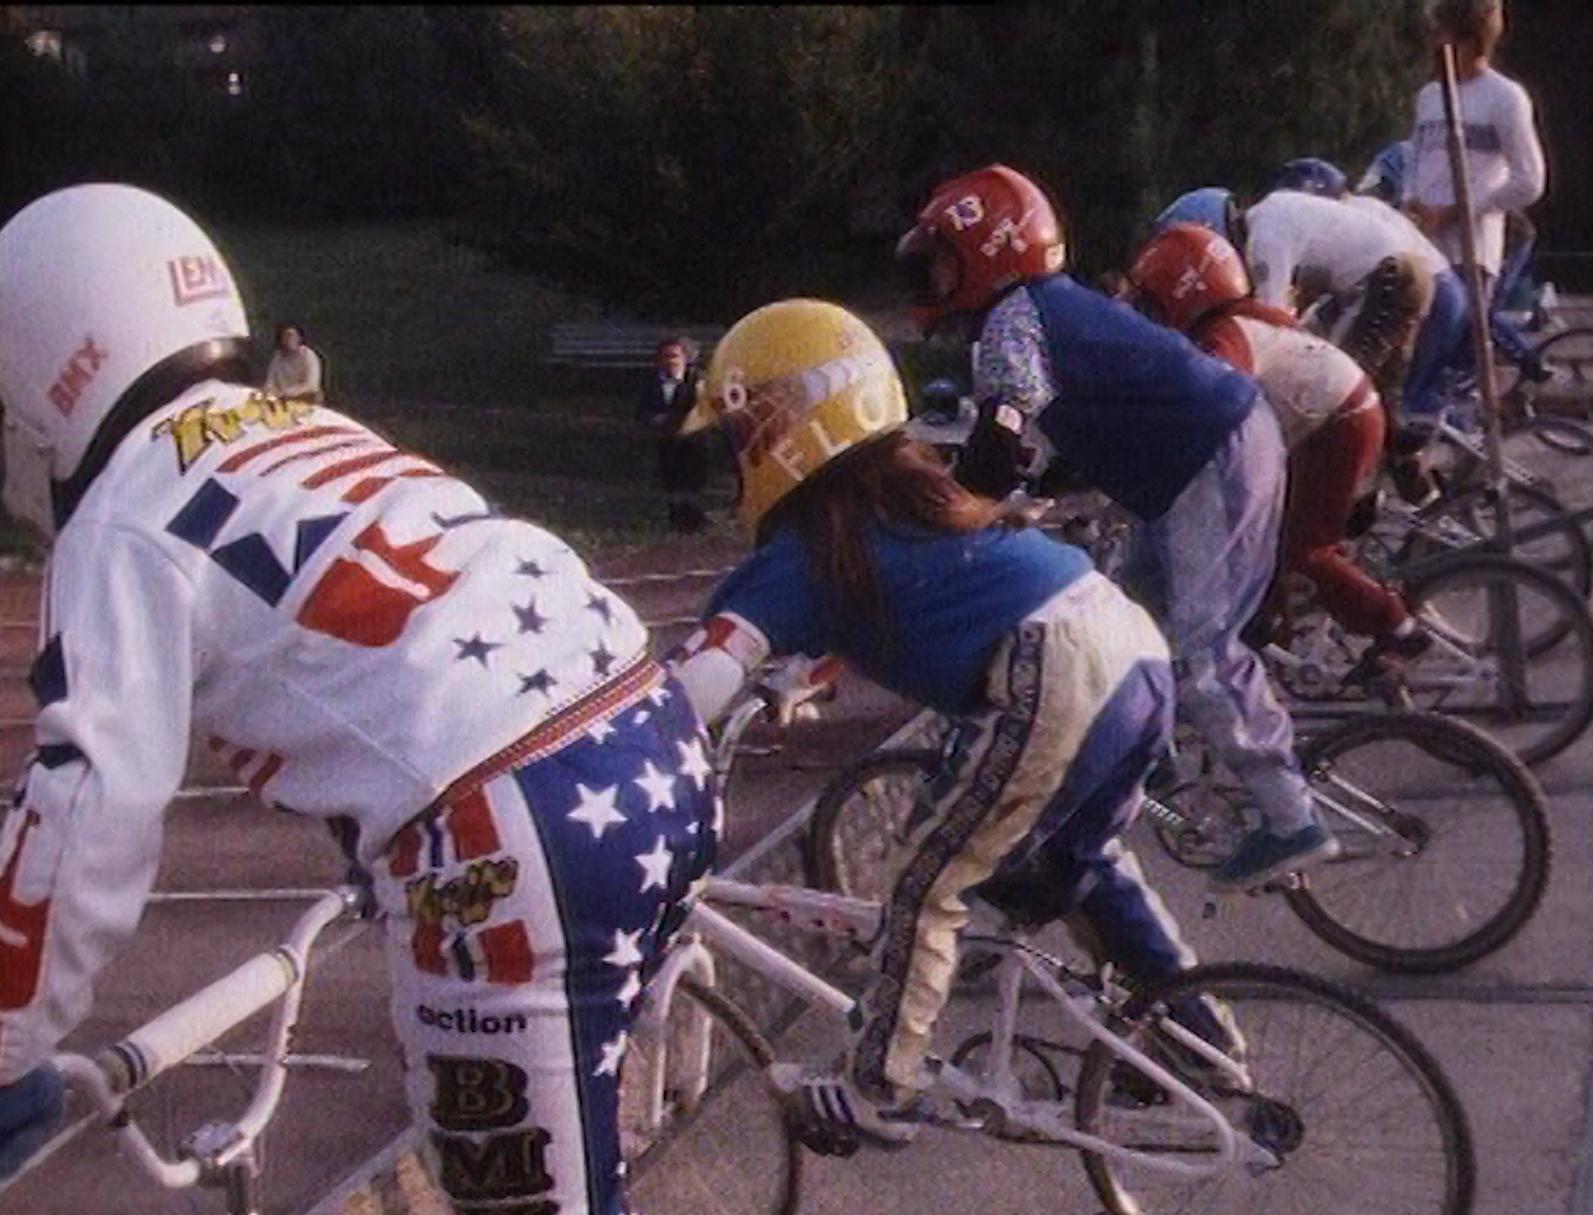 Leur passion, c'est le BMX!